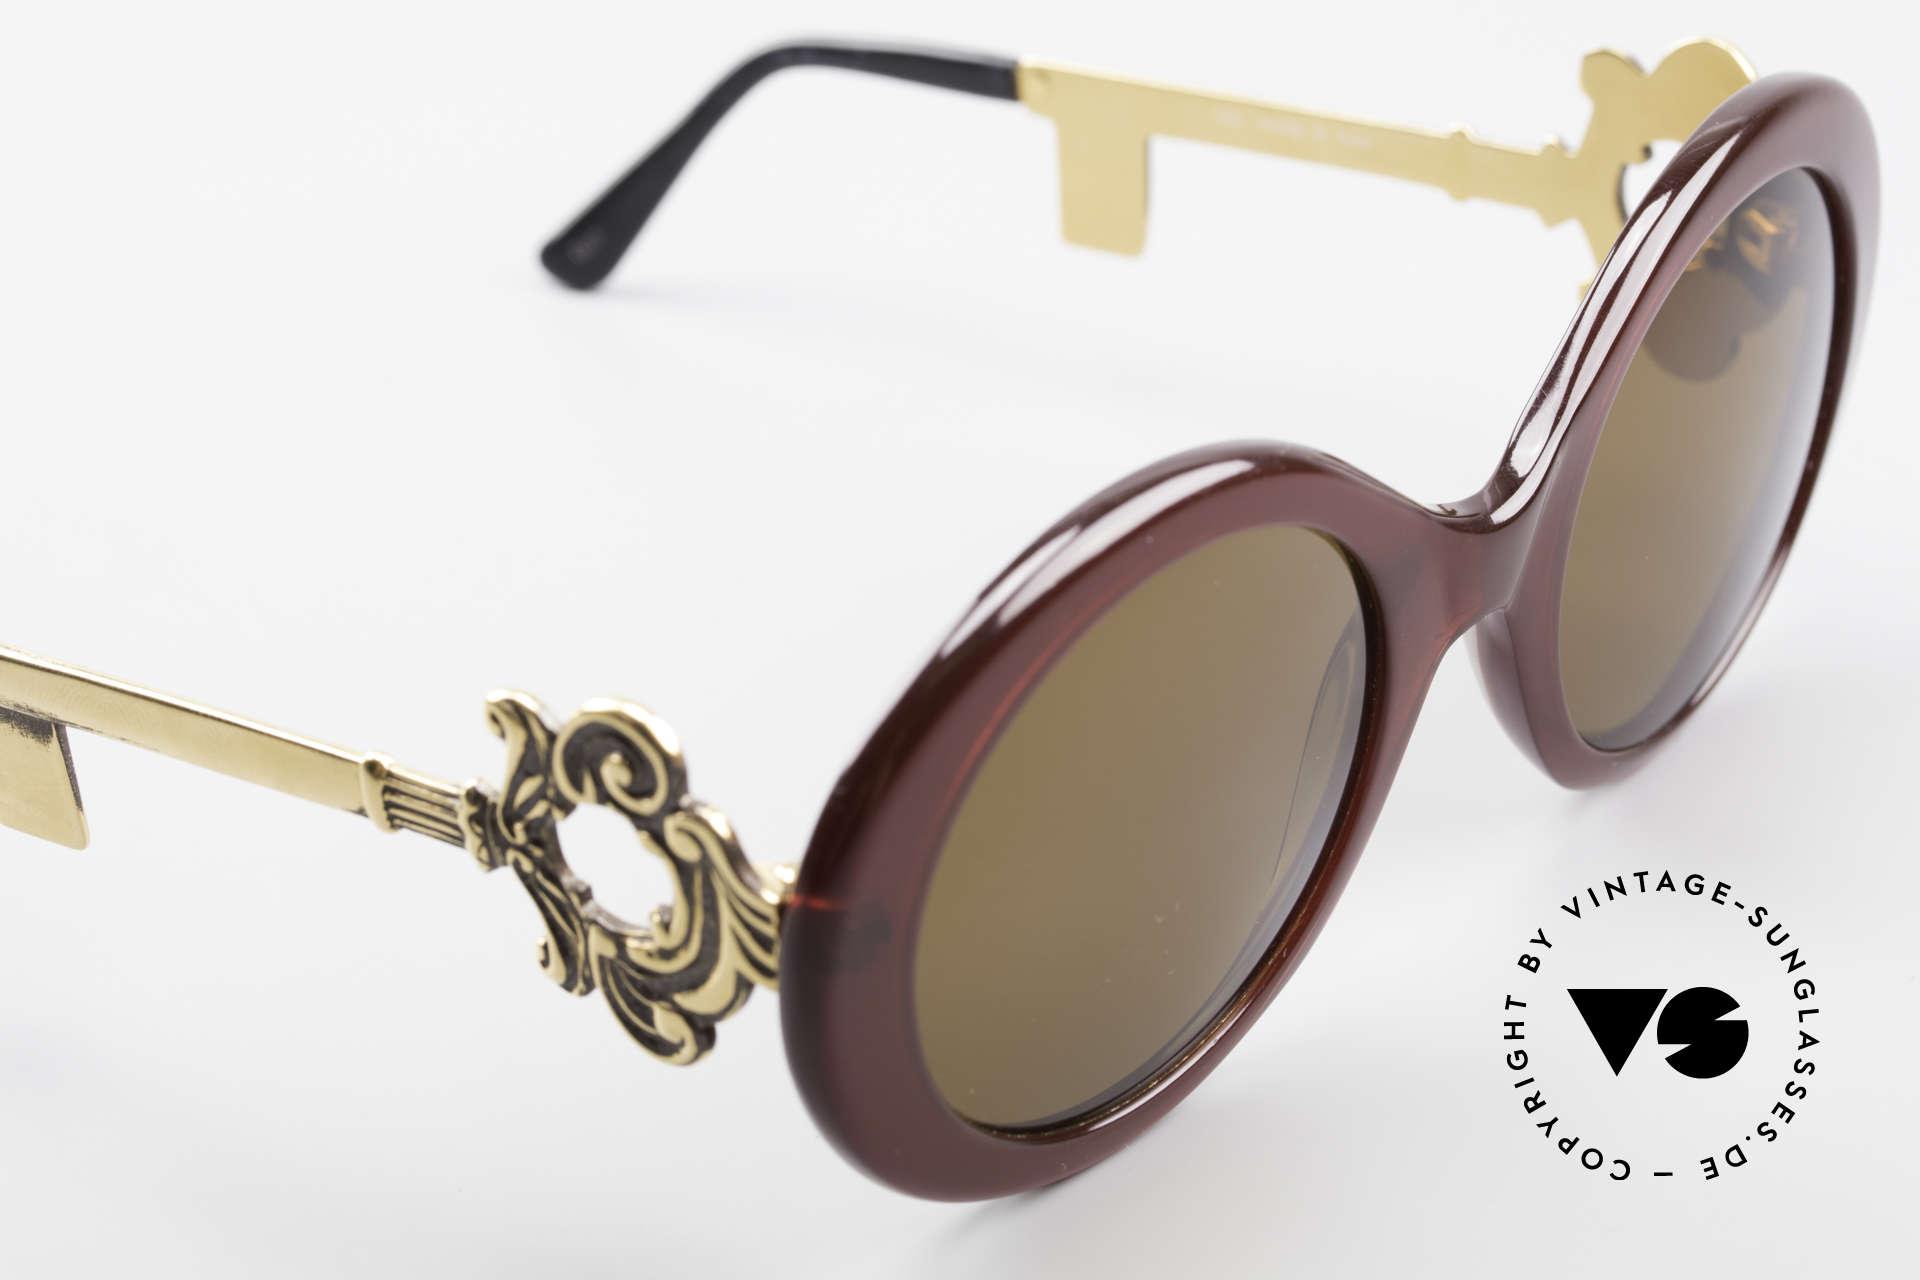 Moschino M254 Schüssel Sonnenbrille Antik, KEINE RETROBRILLE; ein grandioses altes Original, Passend für Damen